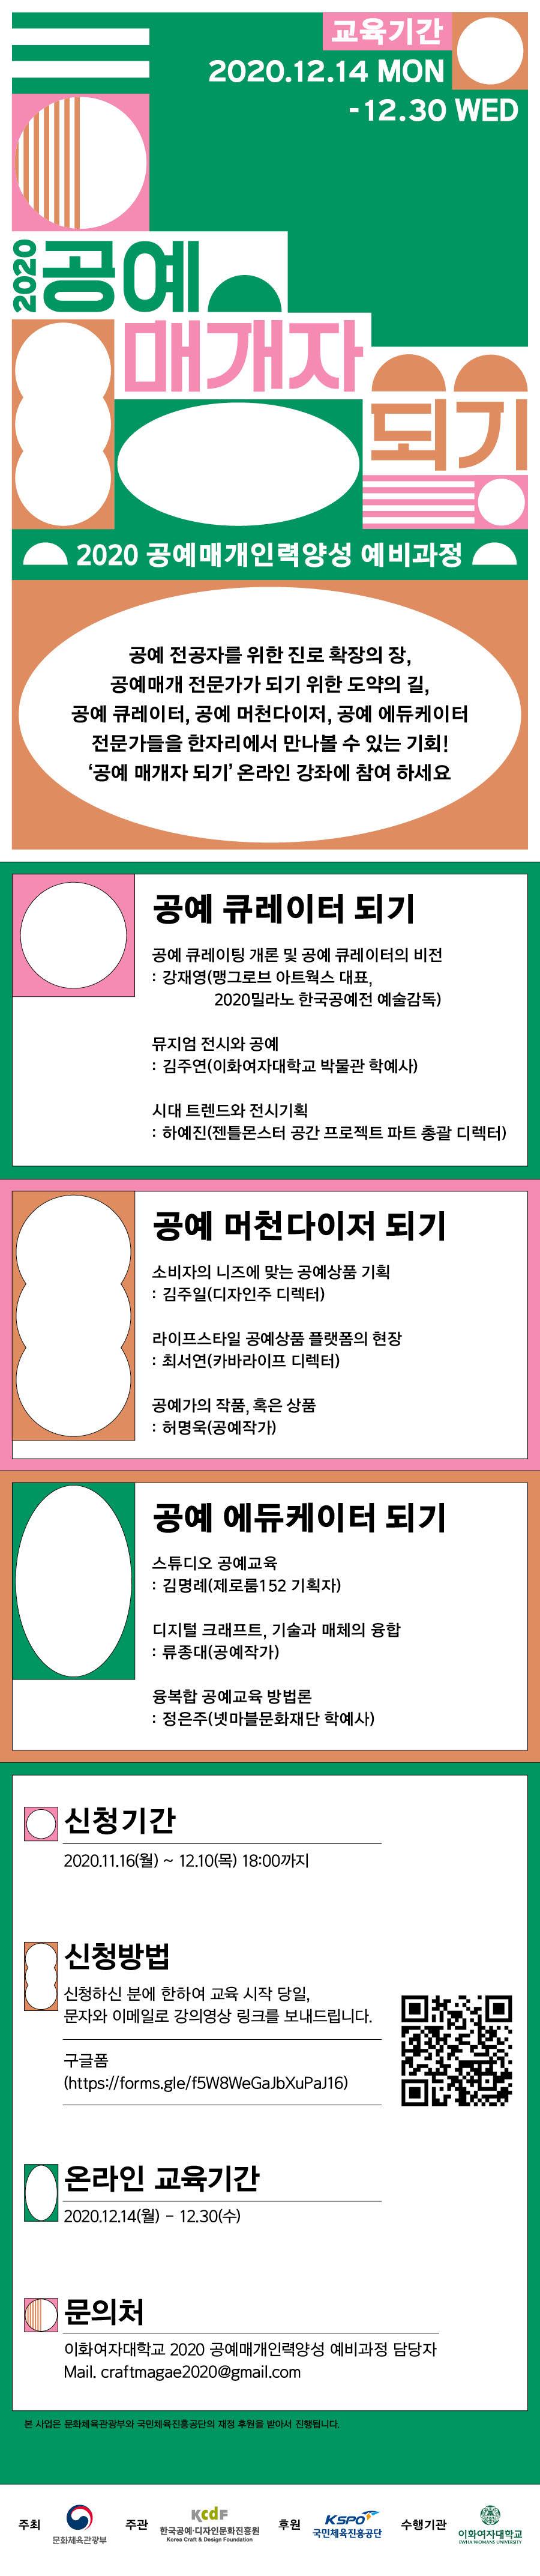 공예매개_웹플라이어 (1).jpg